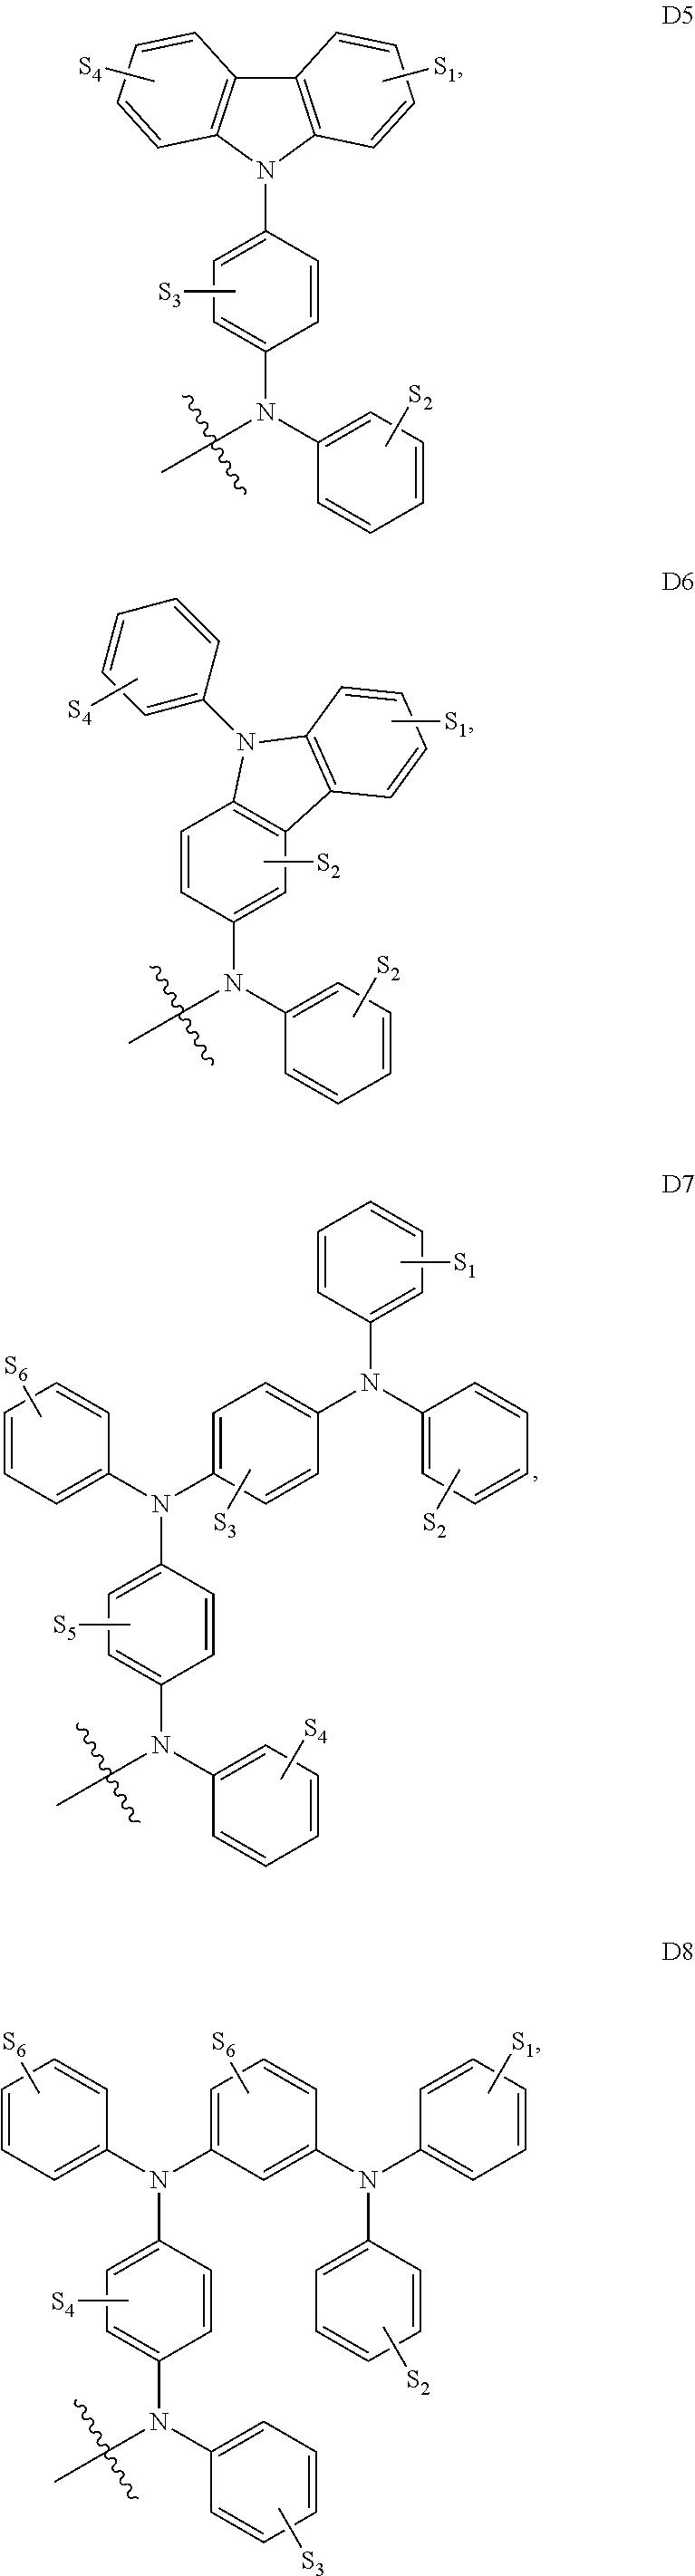 Figure US09324949-20160426-C00383